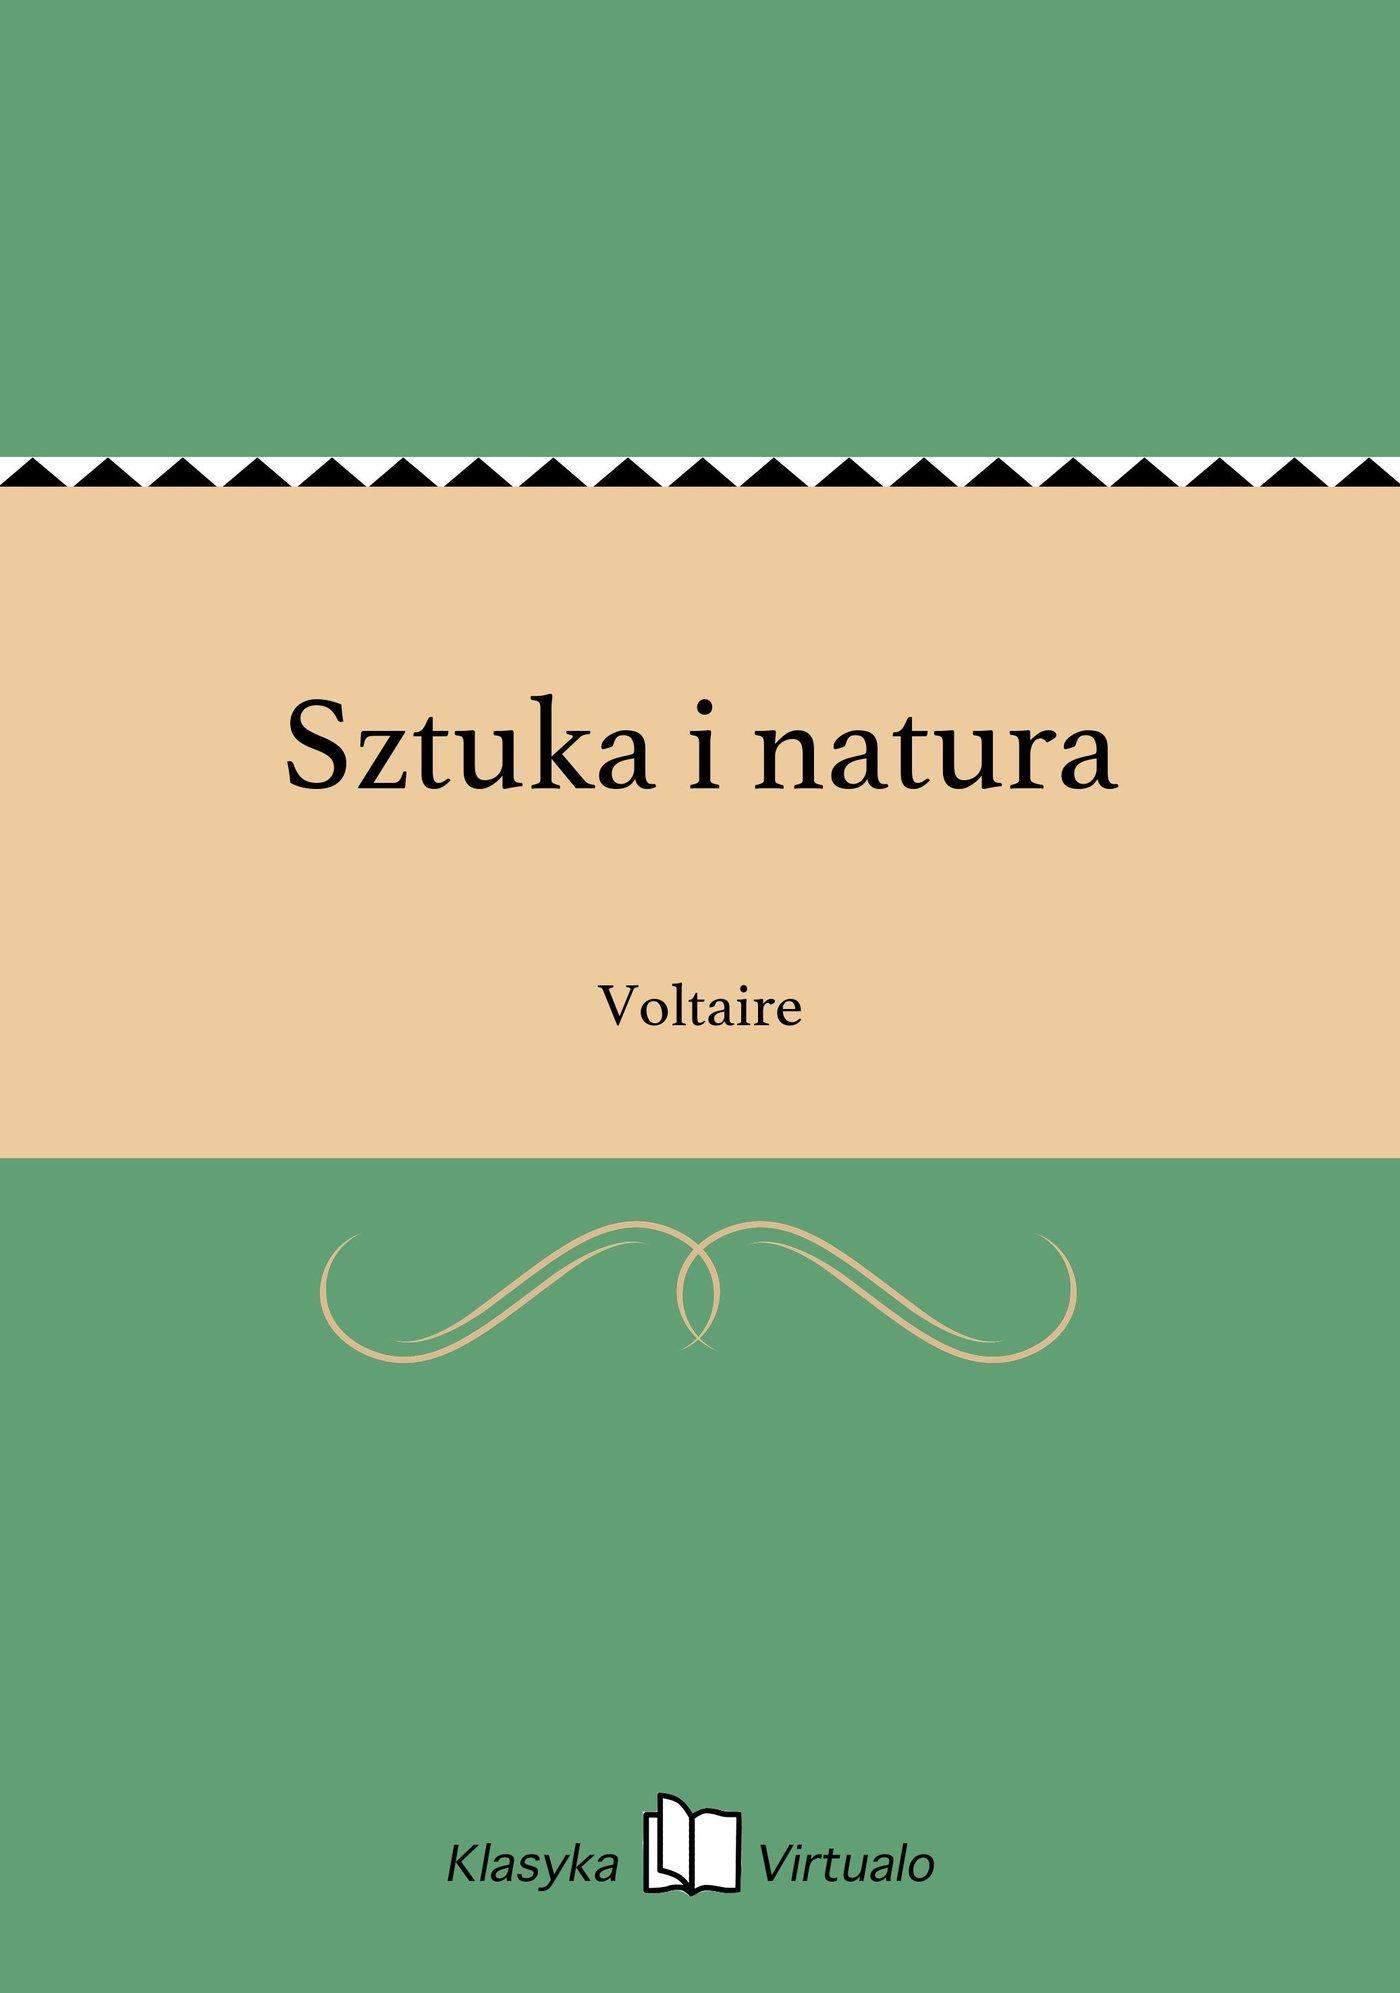 Sztuka i natura - Ebook (Książka EPUB) do pobrania w formacie EPUB